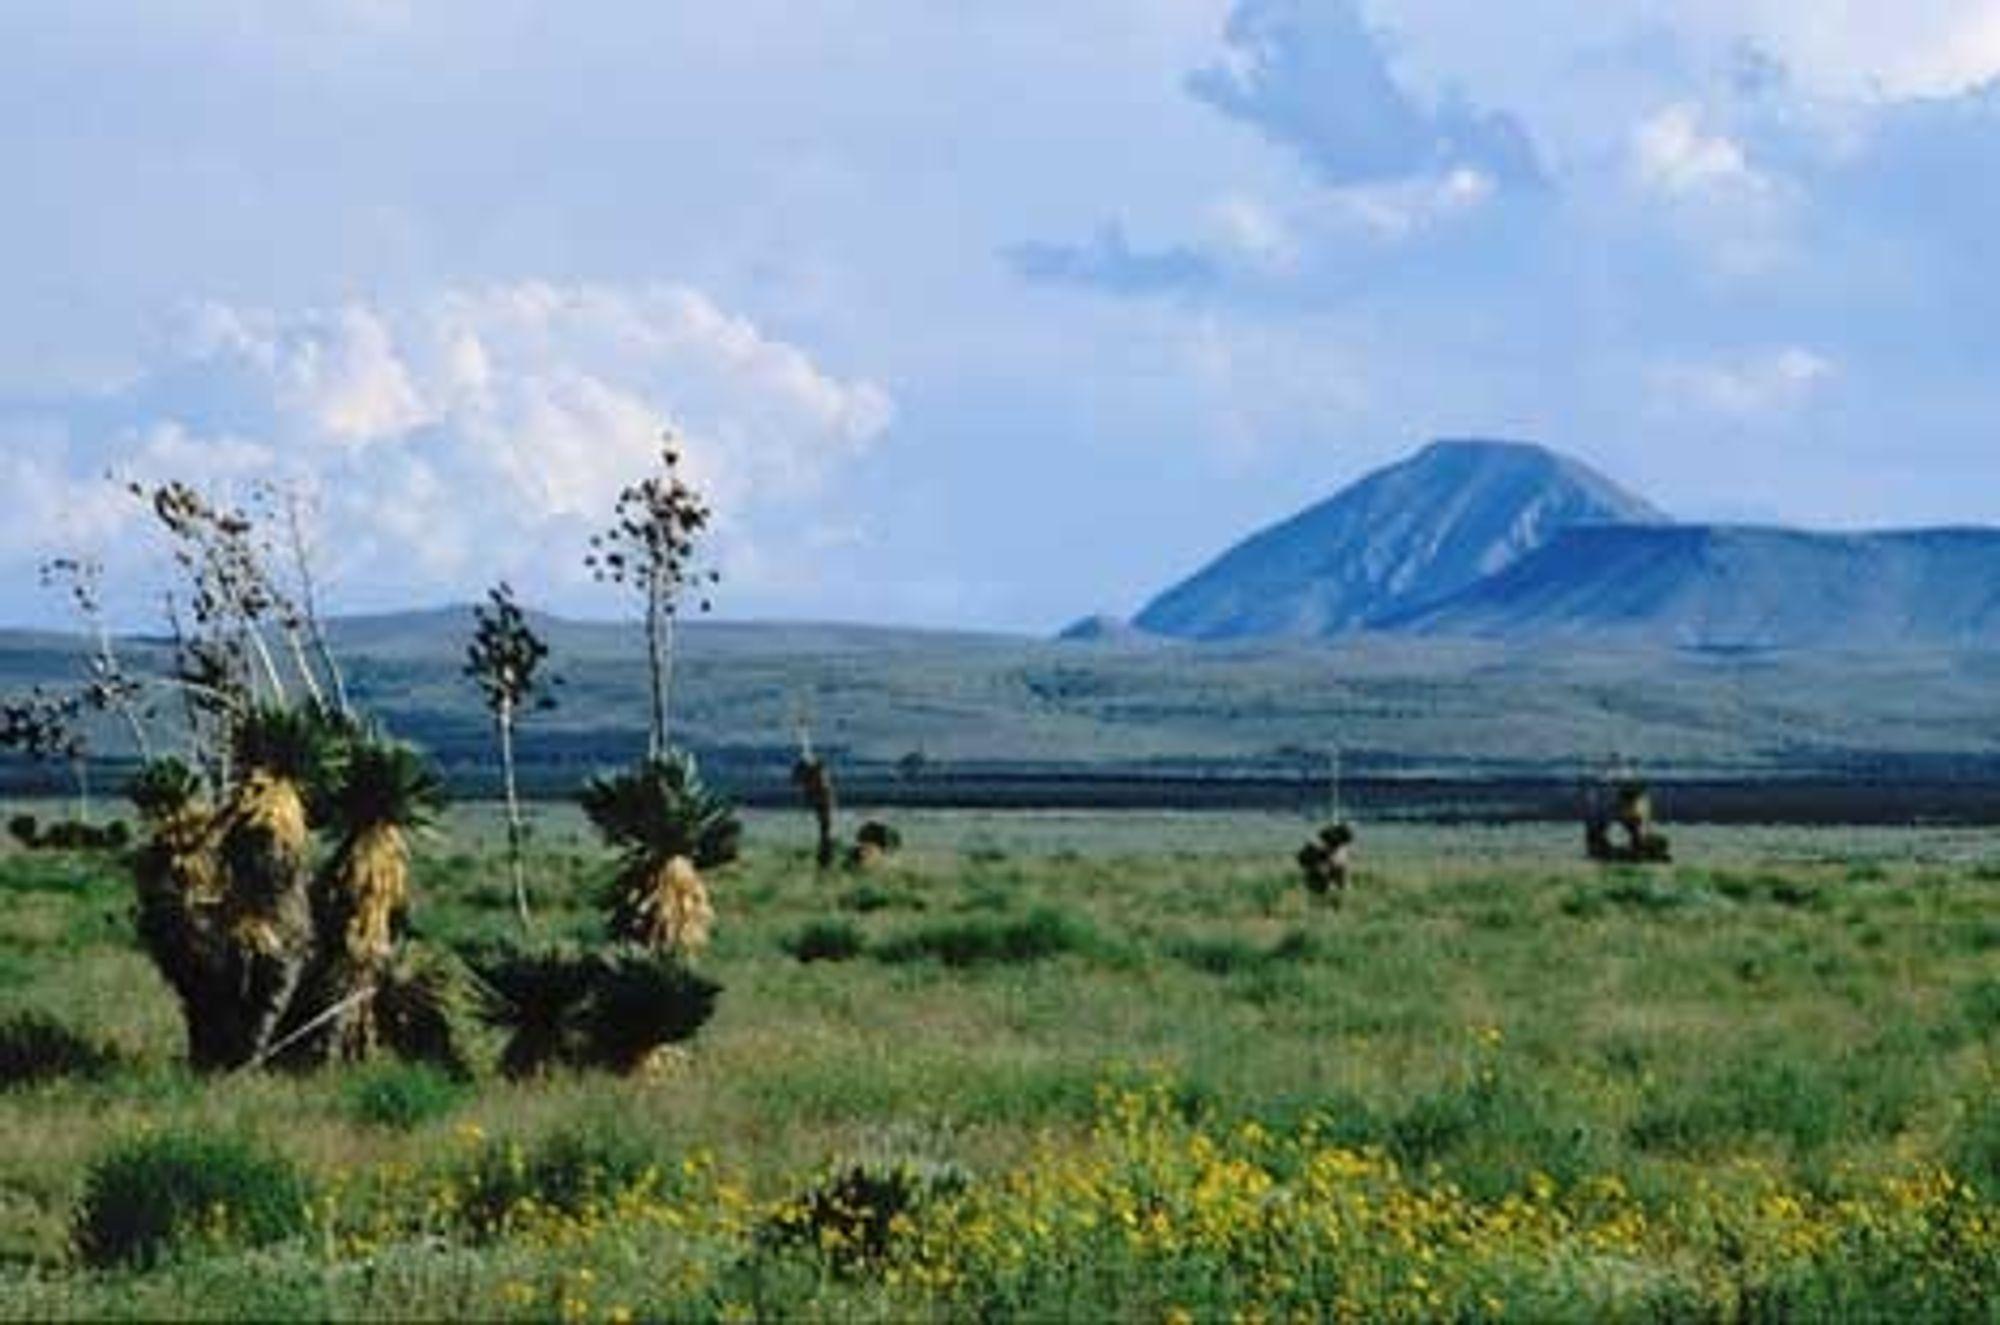 SÅRBART: Ørkenlandskapet i Otera Mesa skal nå åpnes for oljeboring til tross for at det er et unik og sårbart område både med hensyn til flora, fauna og grunnvannsforekomster. Her et bilde tatt etter et kraftig regnskyll som i en kort periode får ørkenen til å blomstre. FOTO: Stephen Capra, New Mexico Wilderness Alliance